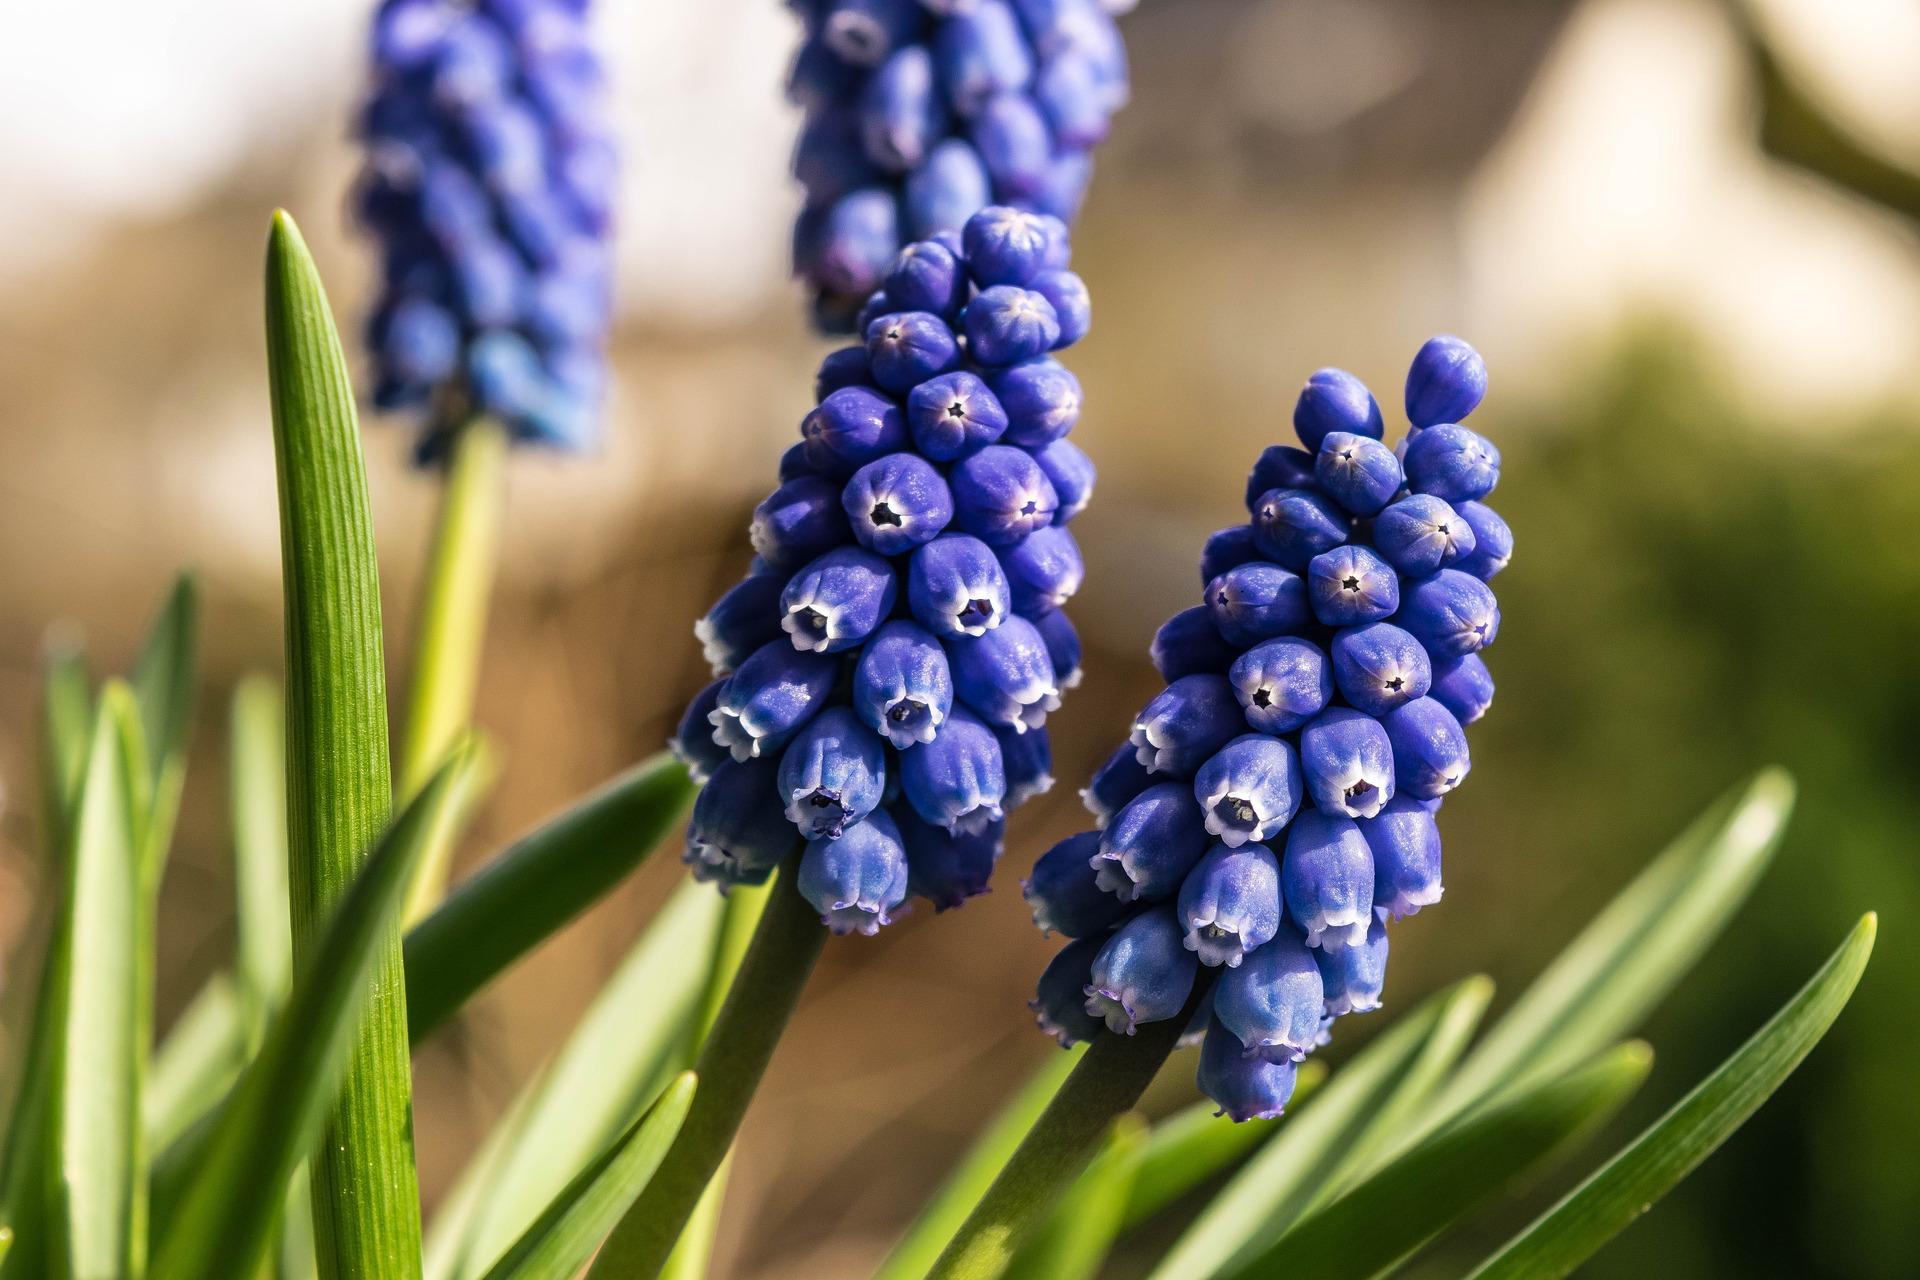 Spring awakening photo